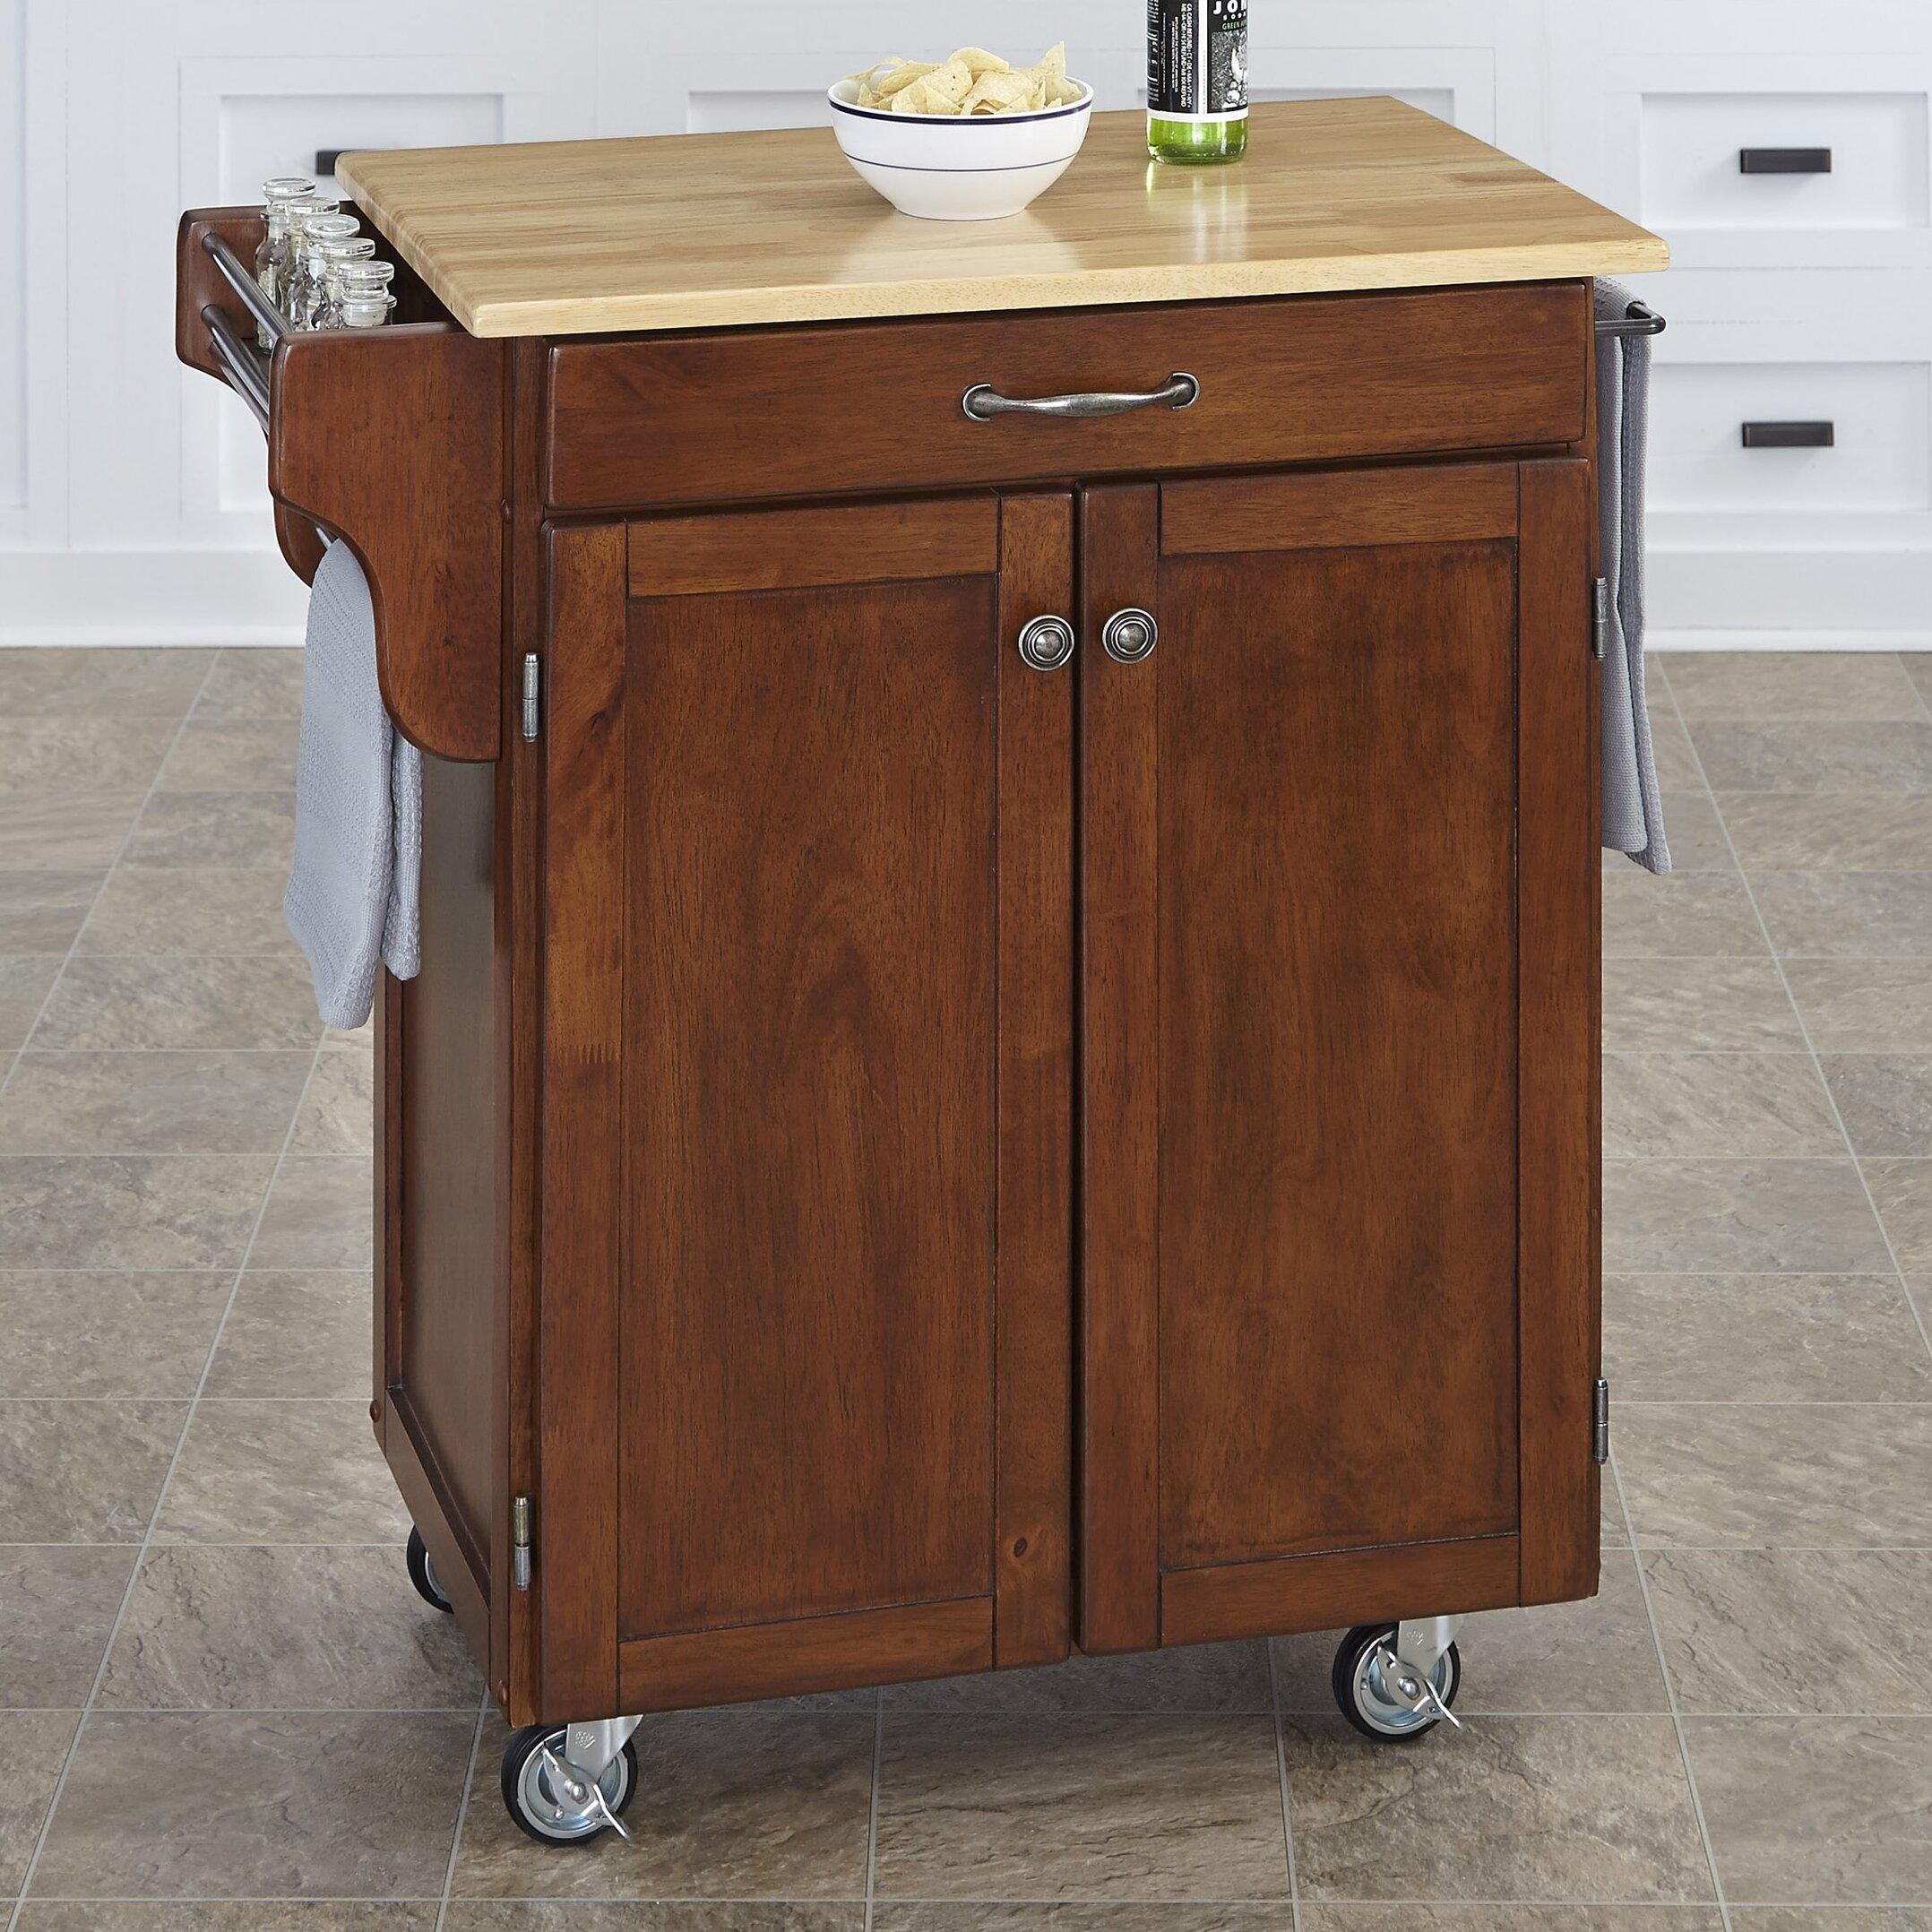 Home Styles Cuisine Kitchen Cart Reviews Wayfair